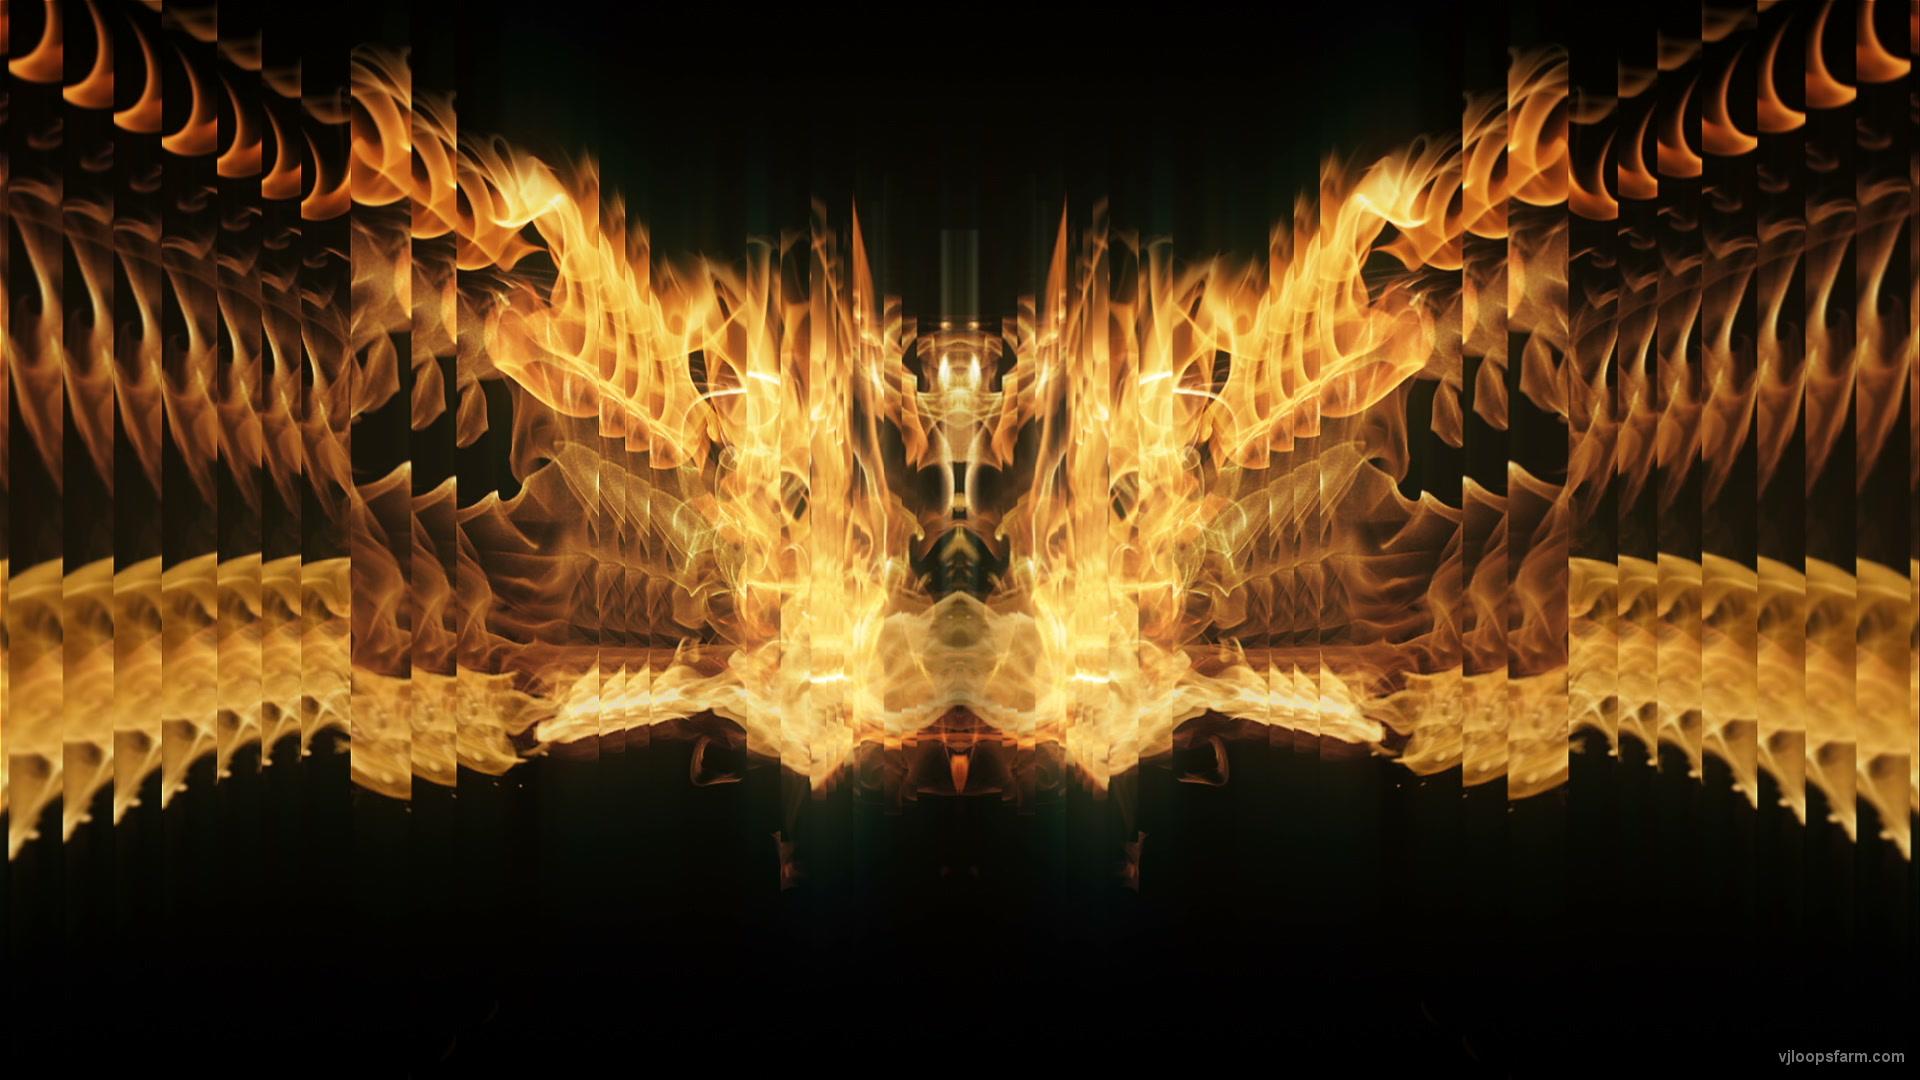 vj video background Golden-Phoenix-Fire-Flame-Video-Art-VJ-Loop_003